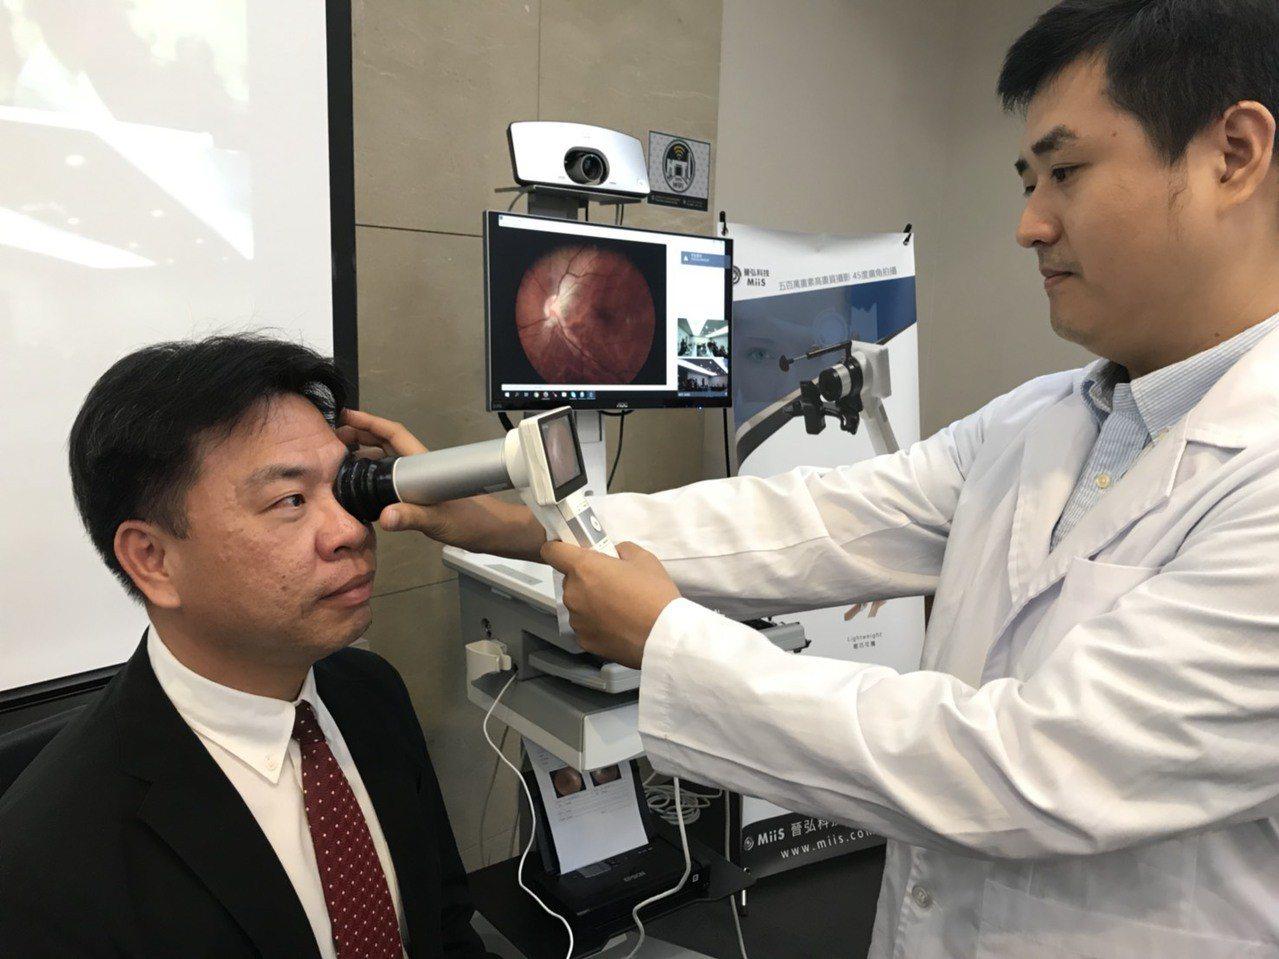 晉弘手持式眼底攝影機,帶領醫療服邁向數位化新紀元。 圖/記者李珣瑛攝影